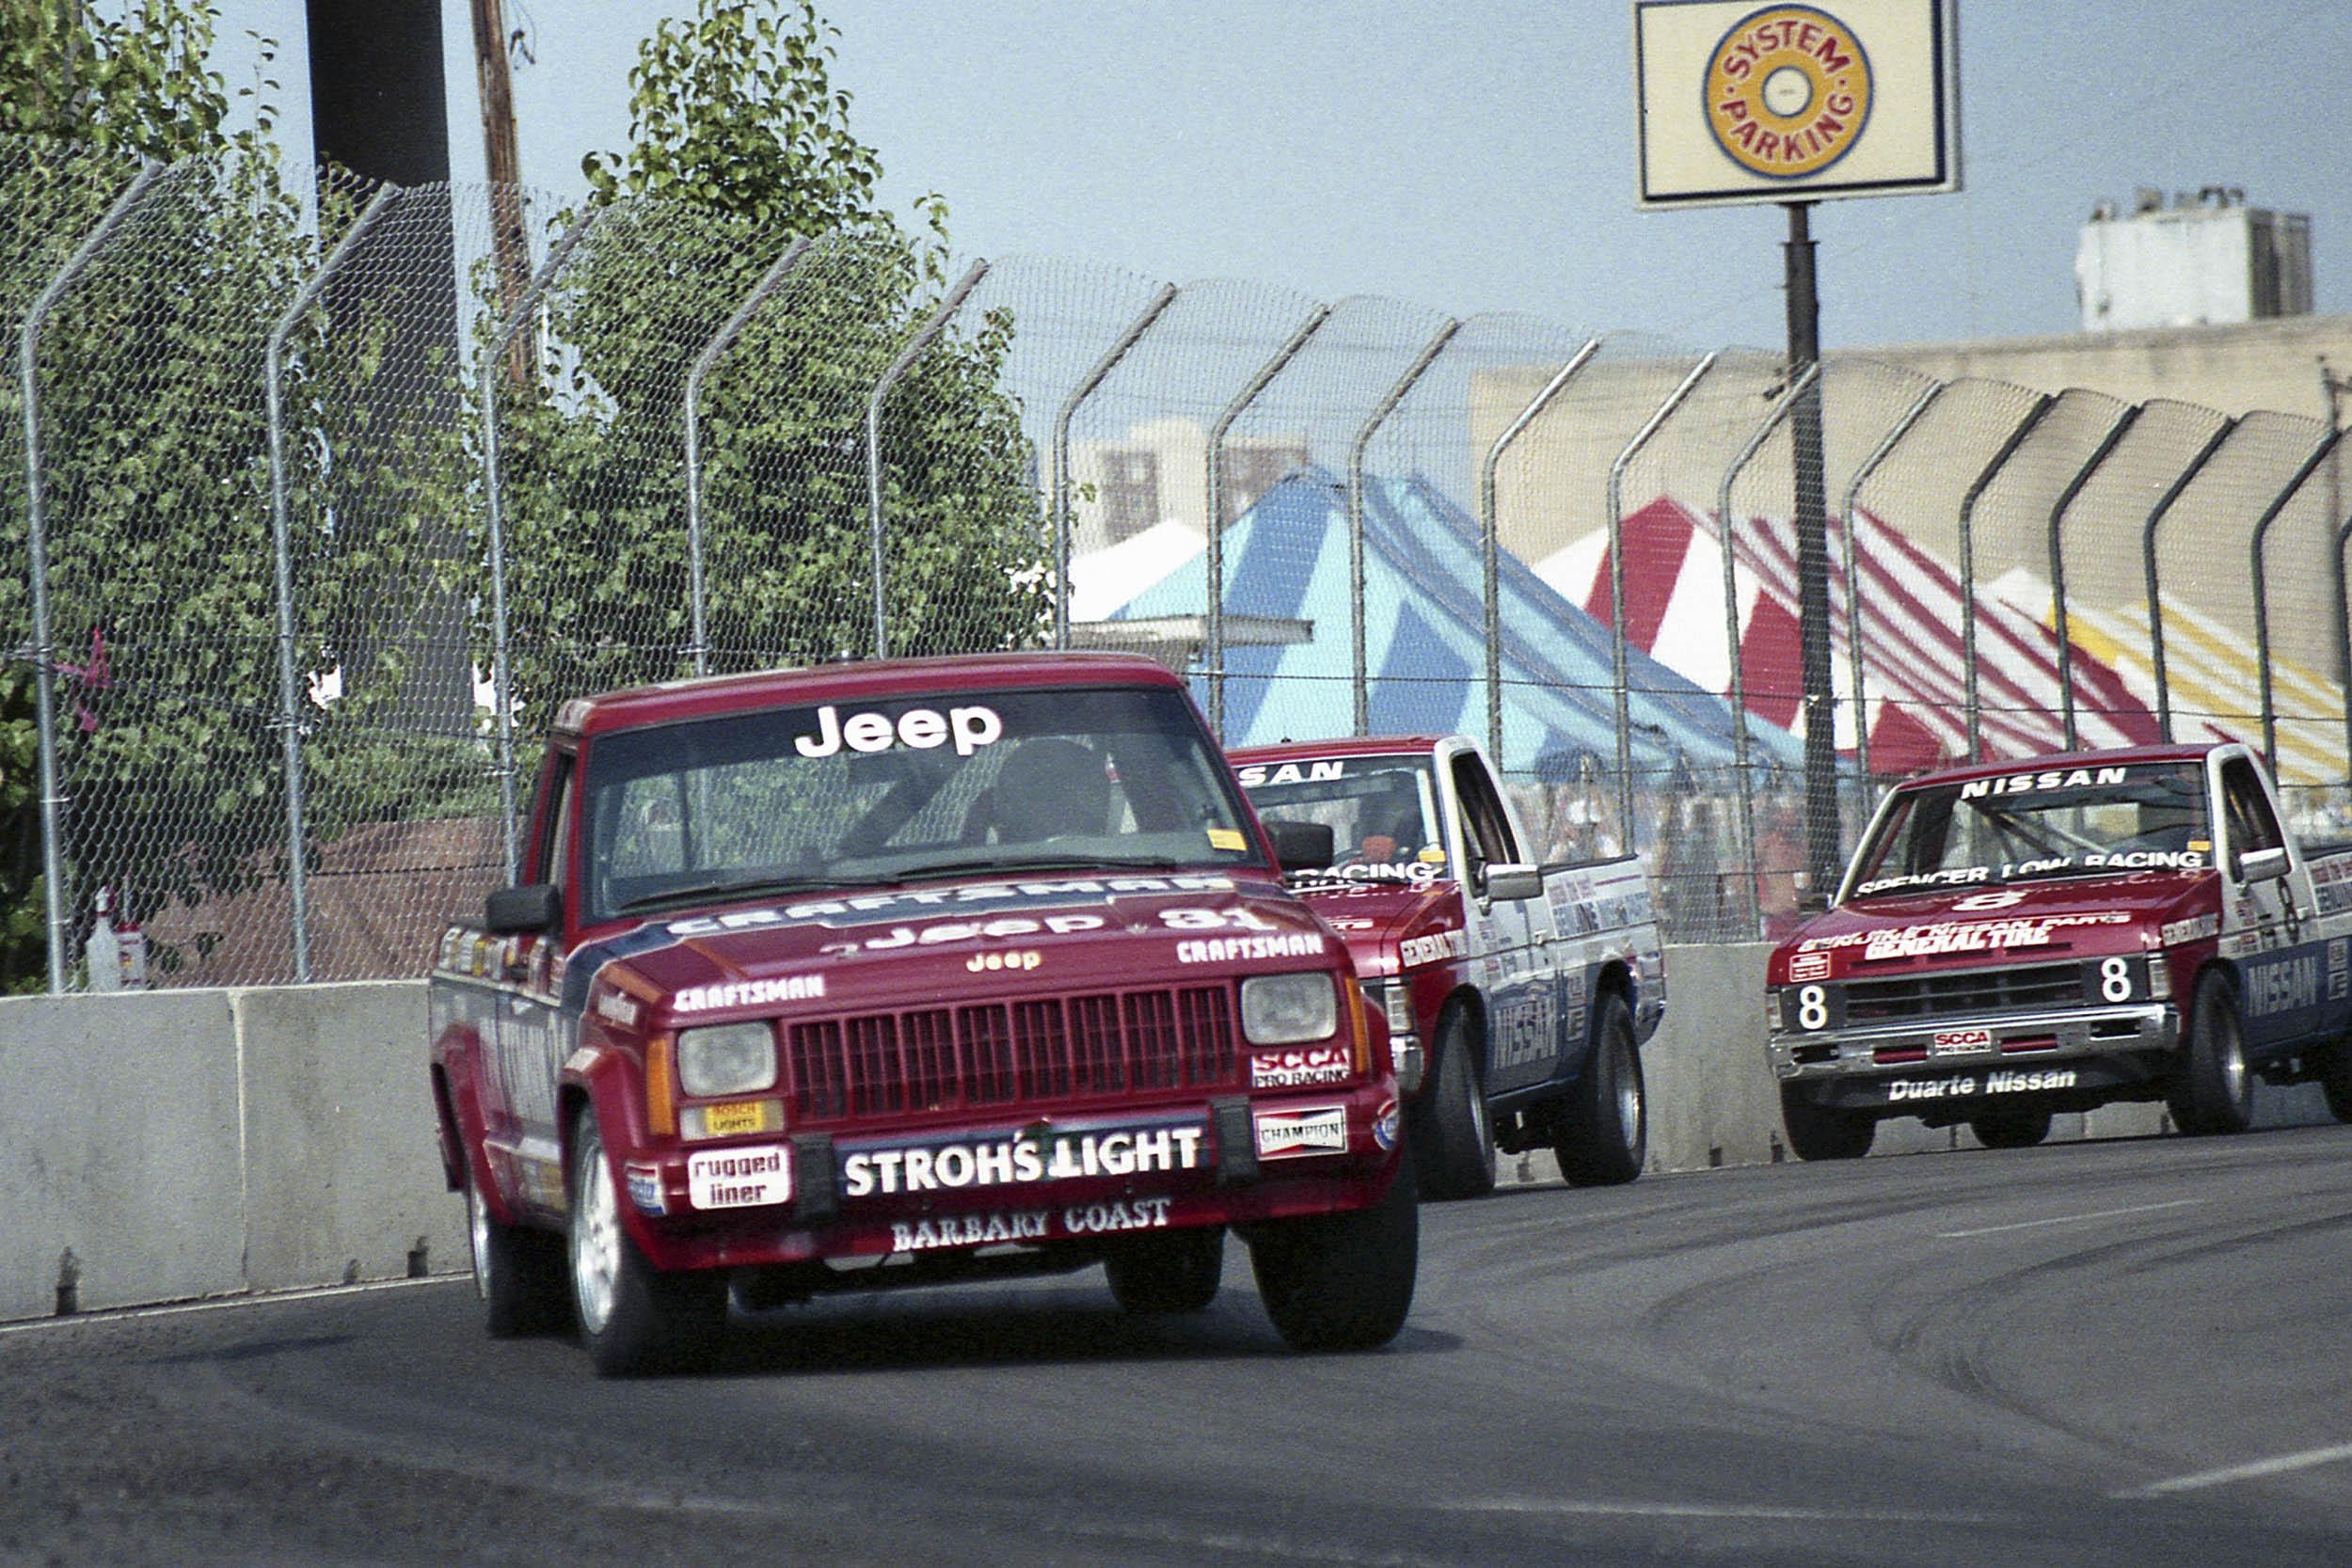 89 Des M-31race truck